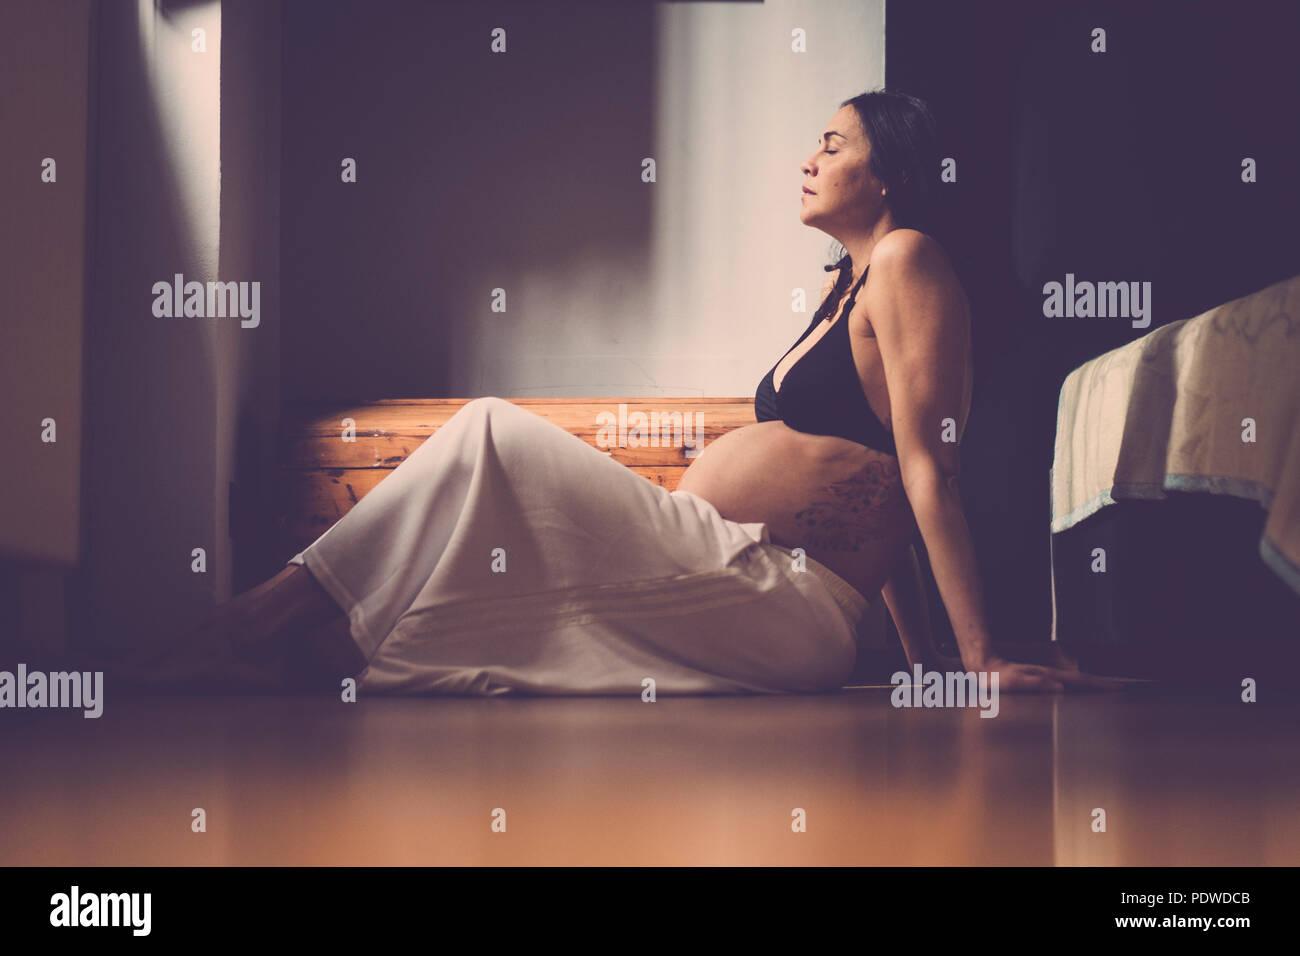 Gravidanza caucasico bella donna seduta sul pavimento e respirare per rilassarsi. Il nuovo concetto di vita a casa Immagini Stock